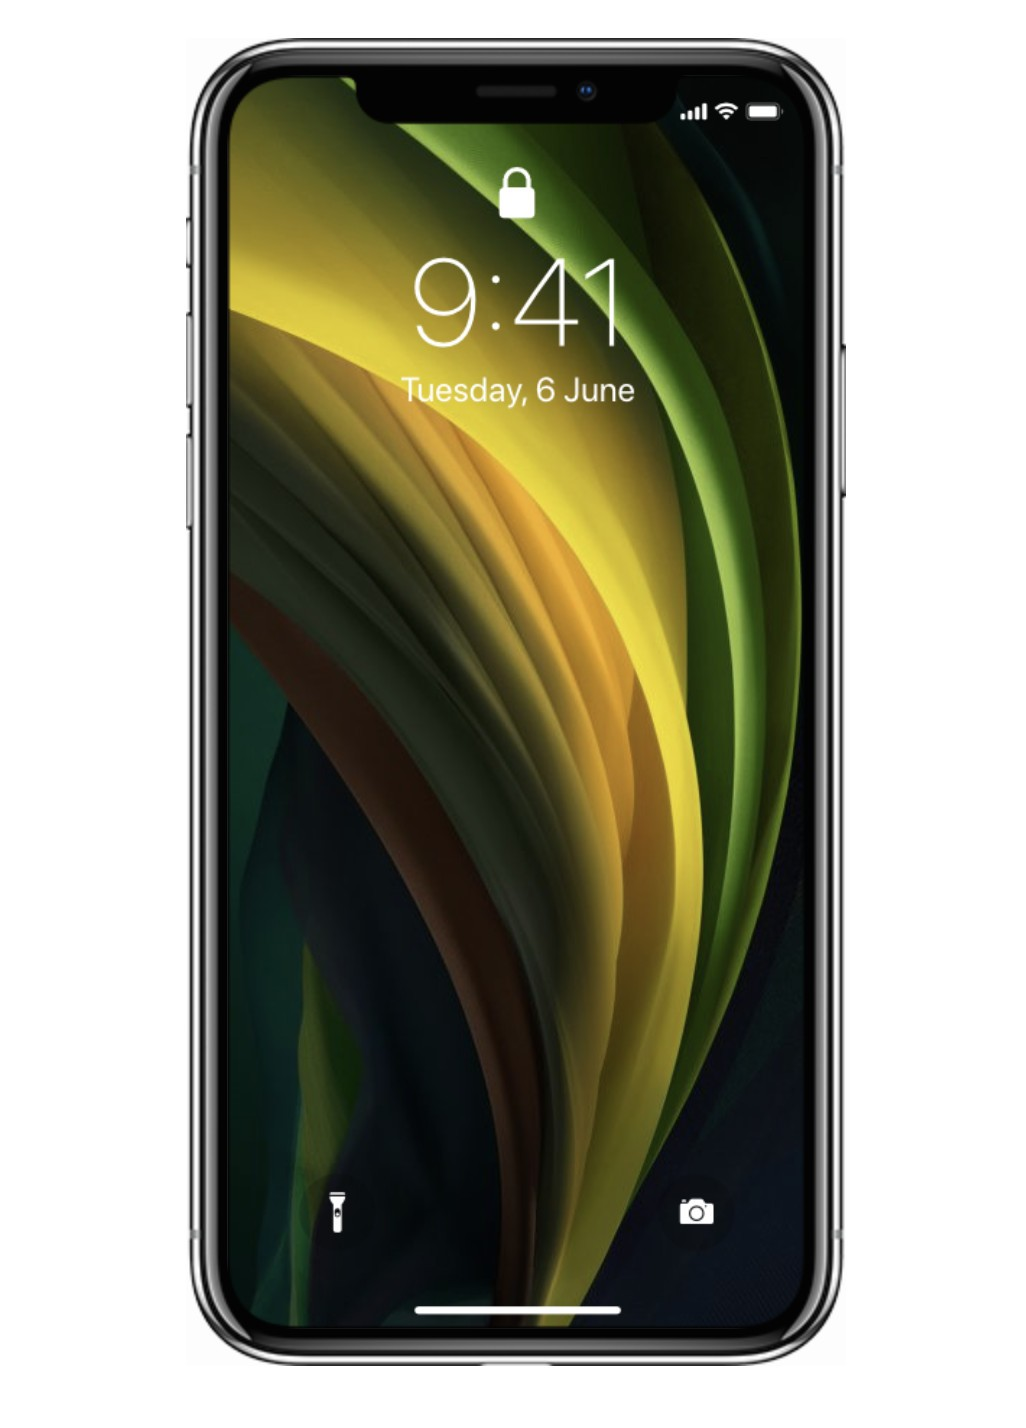 foto de iPhone SE 2020 : Les fonds d'écrans sont à télécharger - iPhone Soft